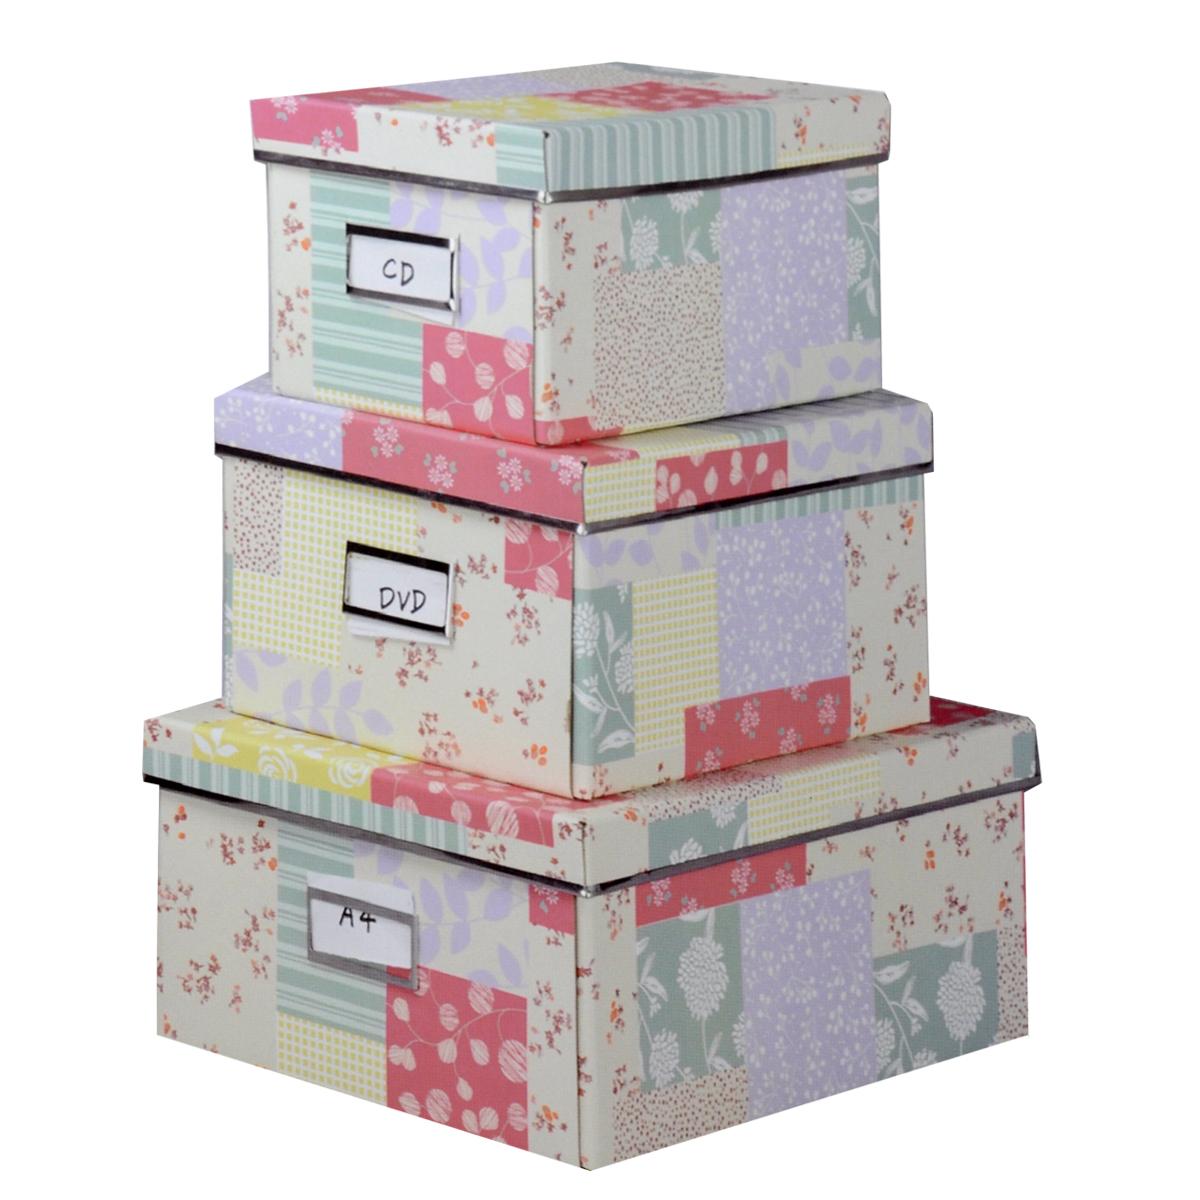 Набор коробок для хранения Нежность, 3 штLS-8181/8180/8179_3Кофры для хранения Нежность прекрасно подойдут для хранения личных вещей, различных аксессуаров, а также бытовых предметов. В комплекте 3 прямоугольных кофра разного размера, с крышками. Изделия выполнены из плотного картона, внешняя поверхность оформлена красивым растительным узором пастельных оттенков. Каждая из коробок снабжена специальным окошком, куда можно поместить стикер с пометкой содержимого. Эстетичный дизайн позволит набору гармонично вписаться в любой интерьер. Размер малого кофра: 16 см х 28 см х 14 см. Размер среднего кофра: 21 см х 28 см х 15 см. Размер большого кофра: 25 см х 36 см х 15 см.